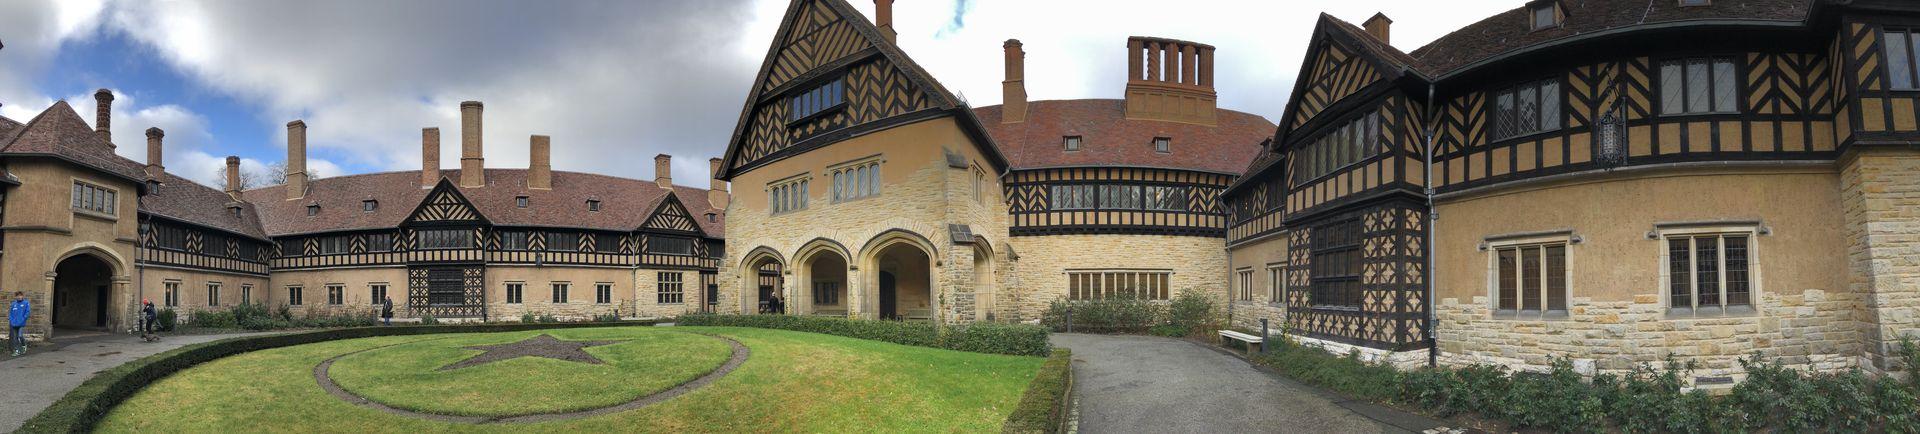 Schloss Cecilienhof ist im englischen Stil gehalten. Umgeben ist der Prachtbau logischerweise auch von einem Englischen Landschaftsgarten.